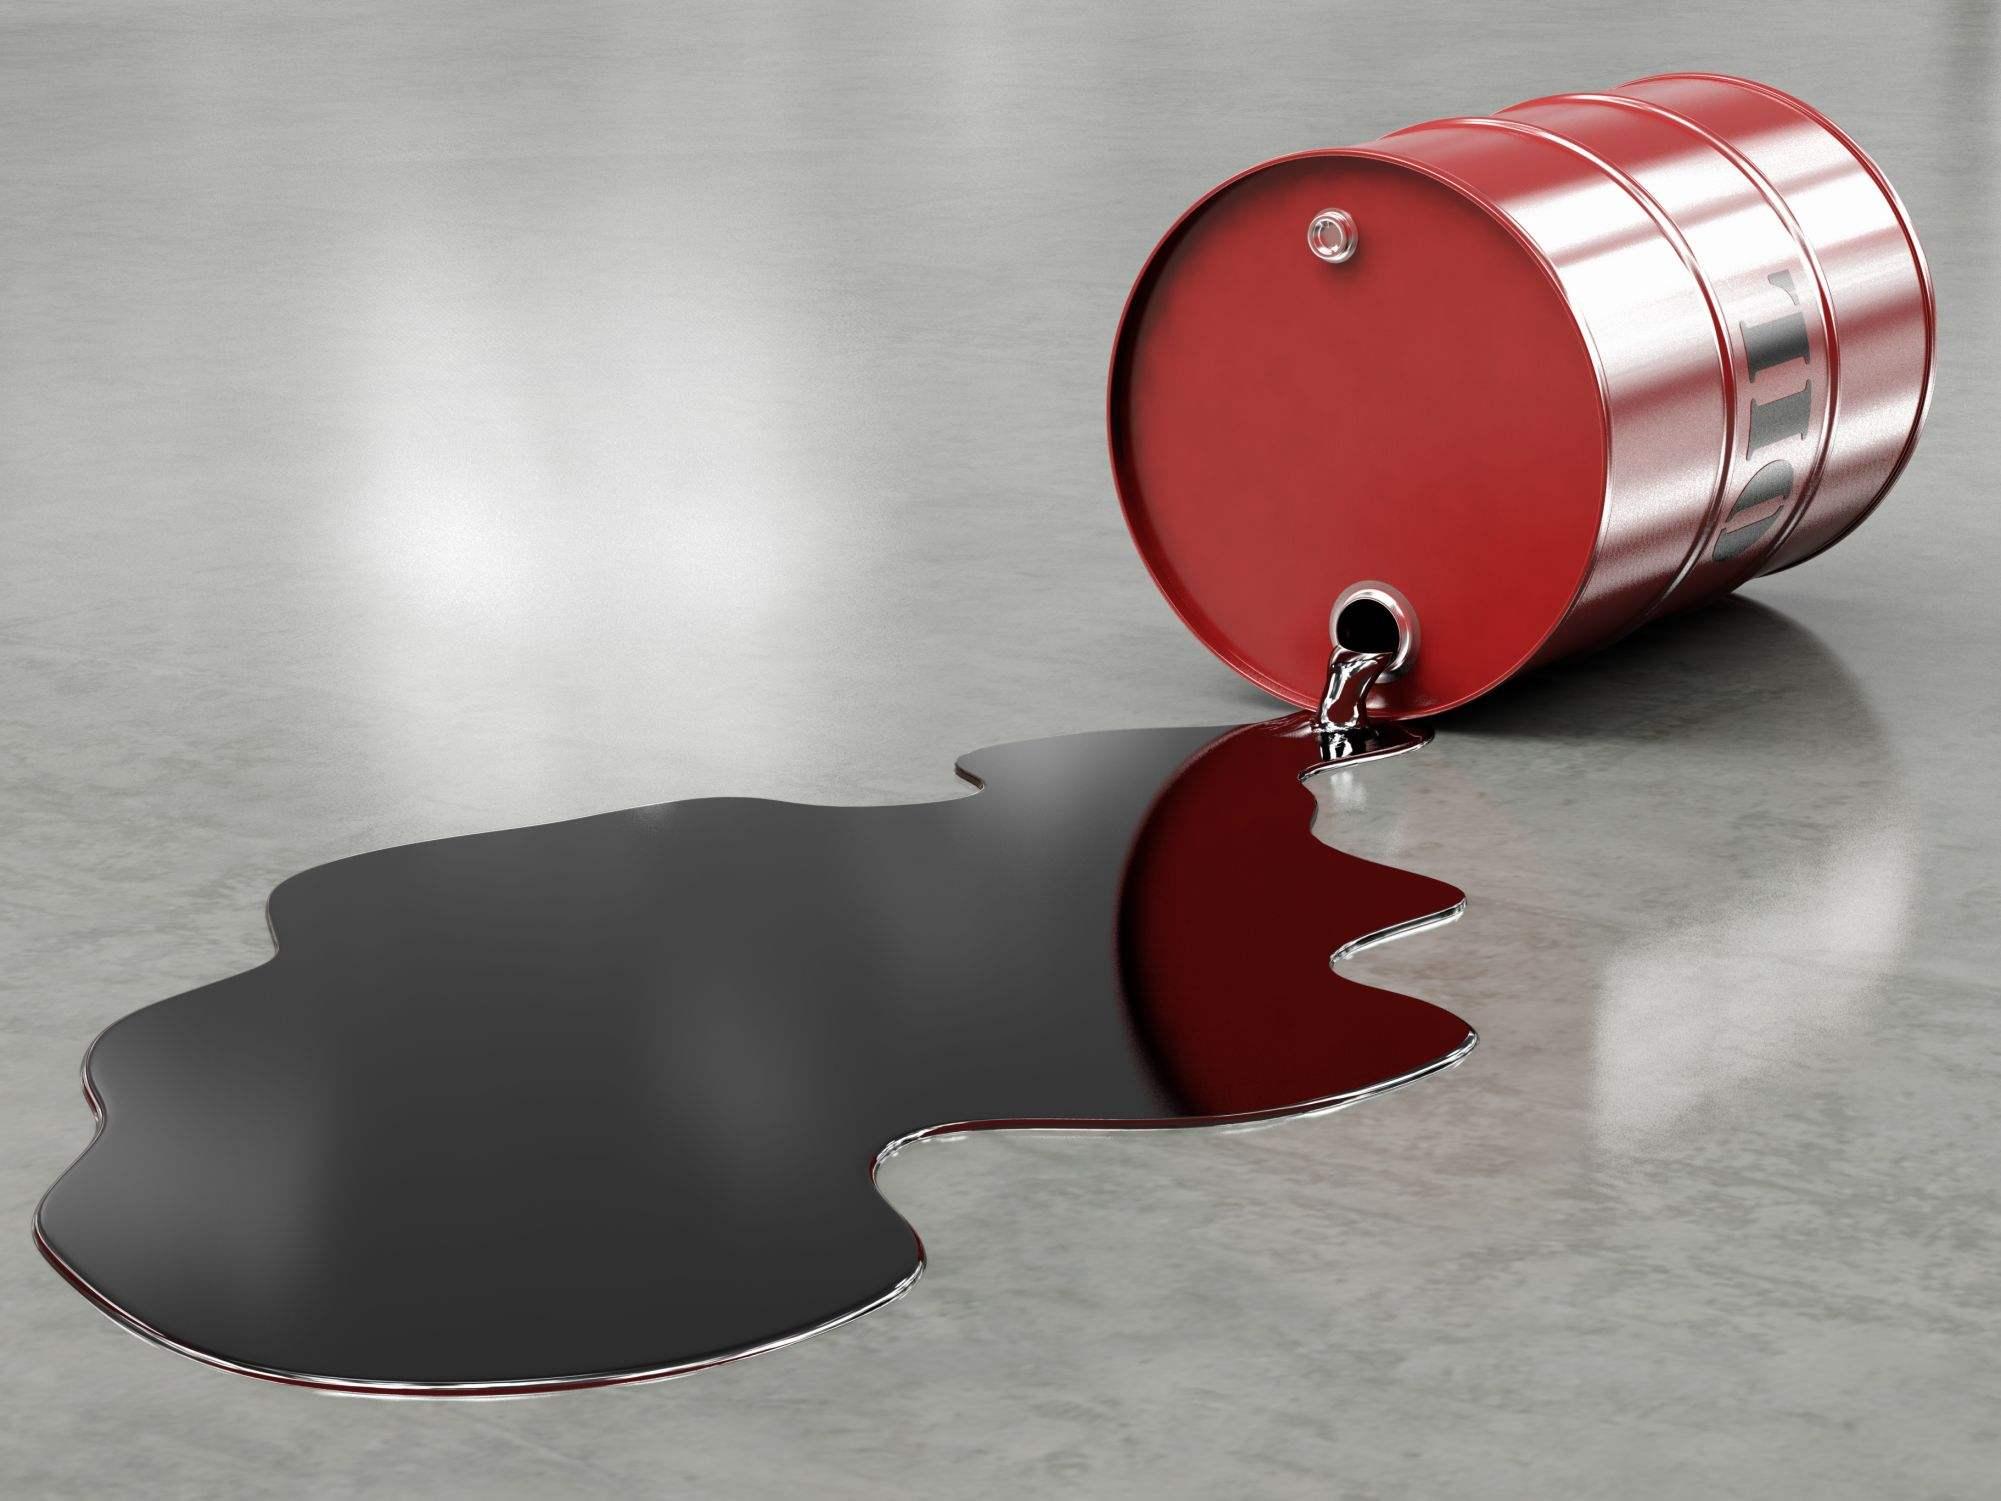 美原油温和反弹 持续关注OPEC相关动向